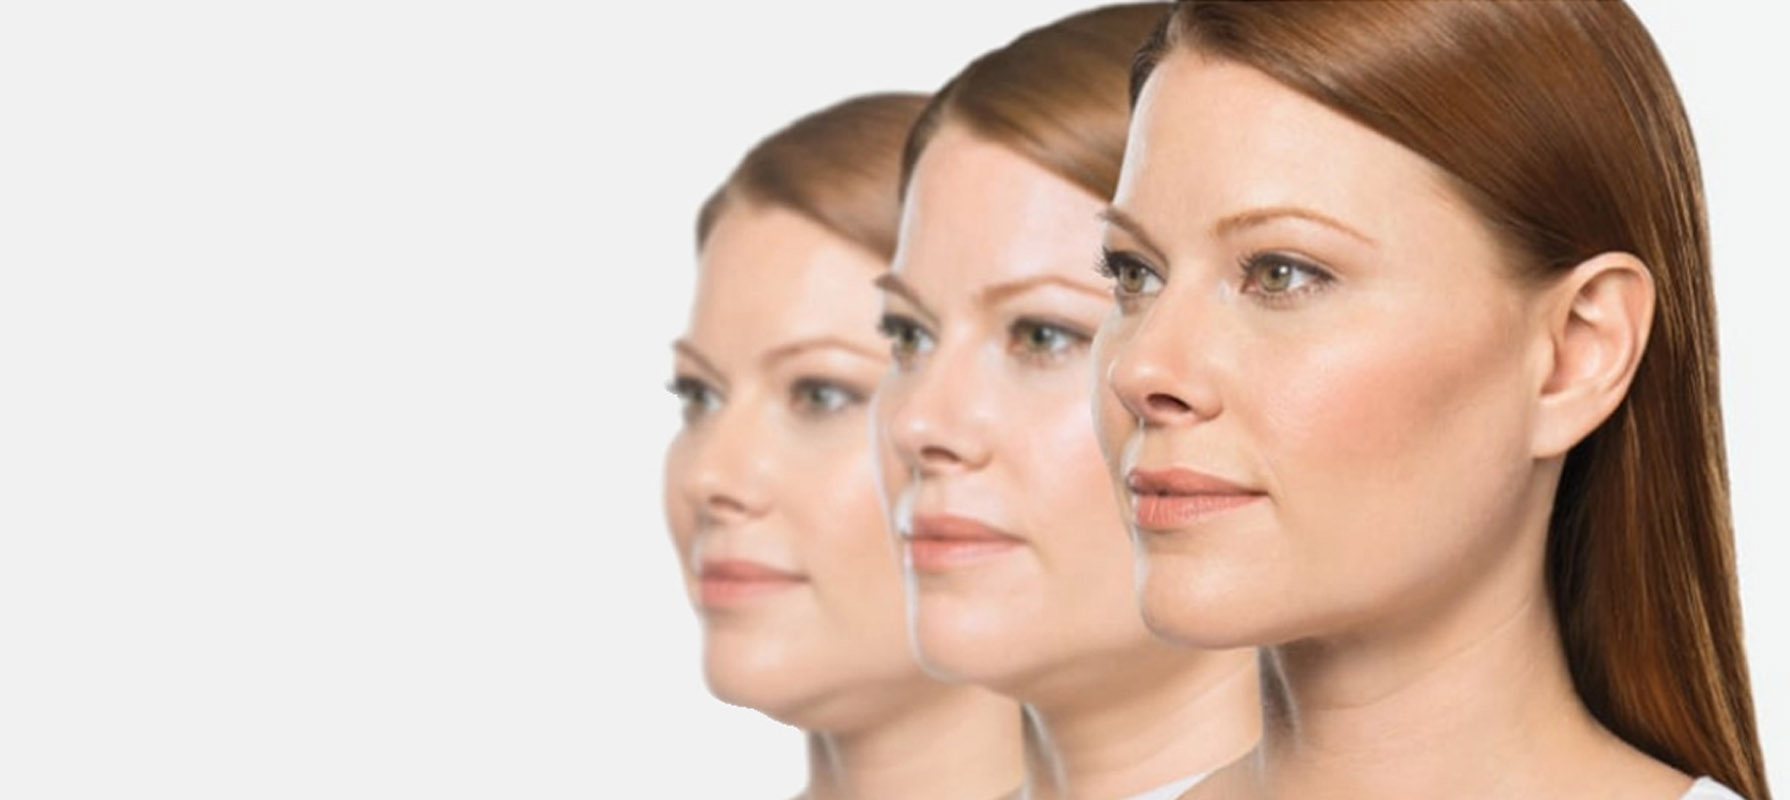 Liposuzione doppio mento Arconate, il Dottor Raoul Novelli, annoverato tra i migliori chirurghi plastici